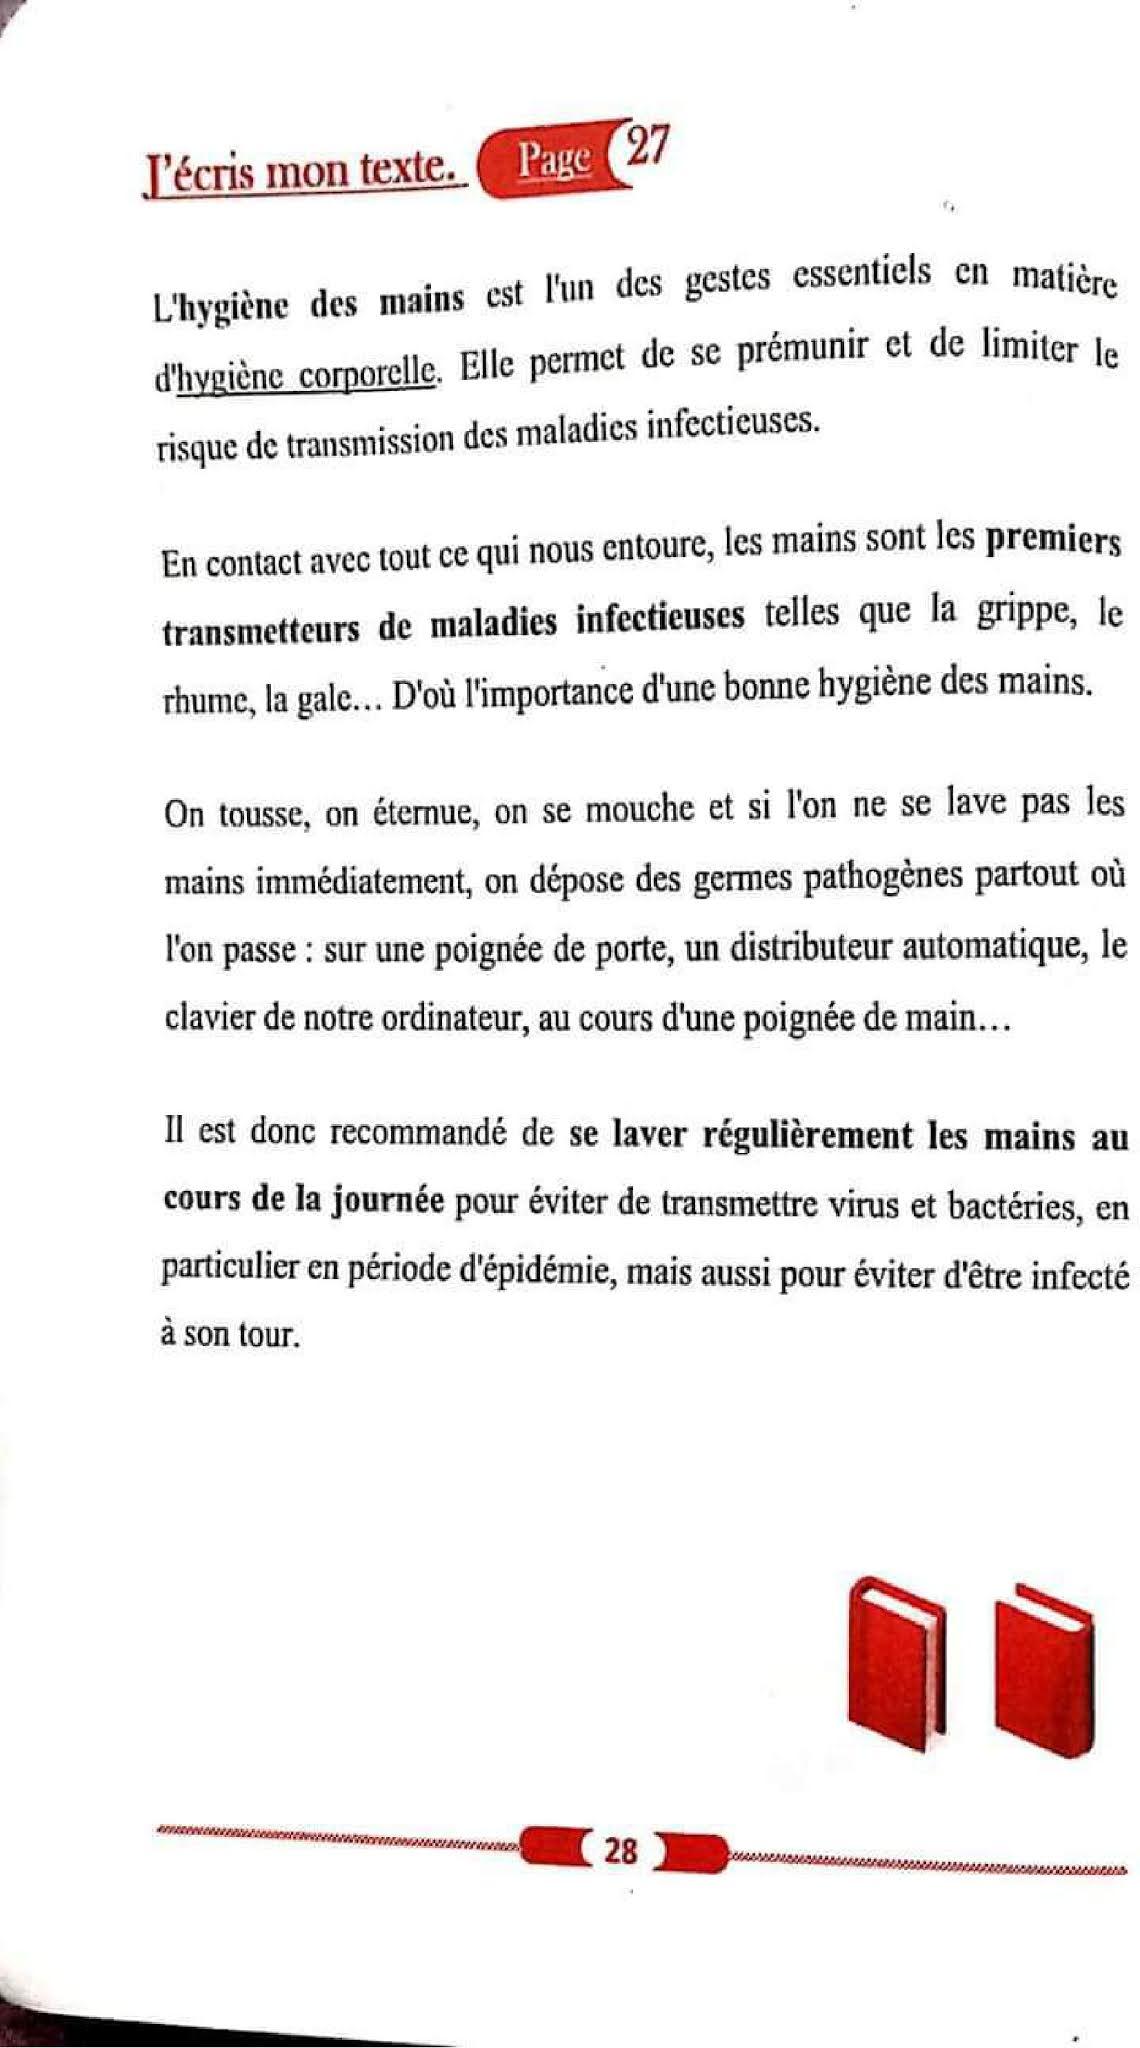 حل تمارين صفحة 27 الفرنسية 1 متوسط الجيل الثاني